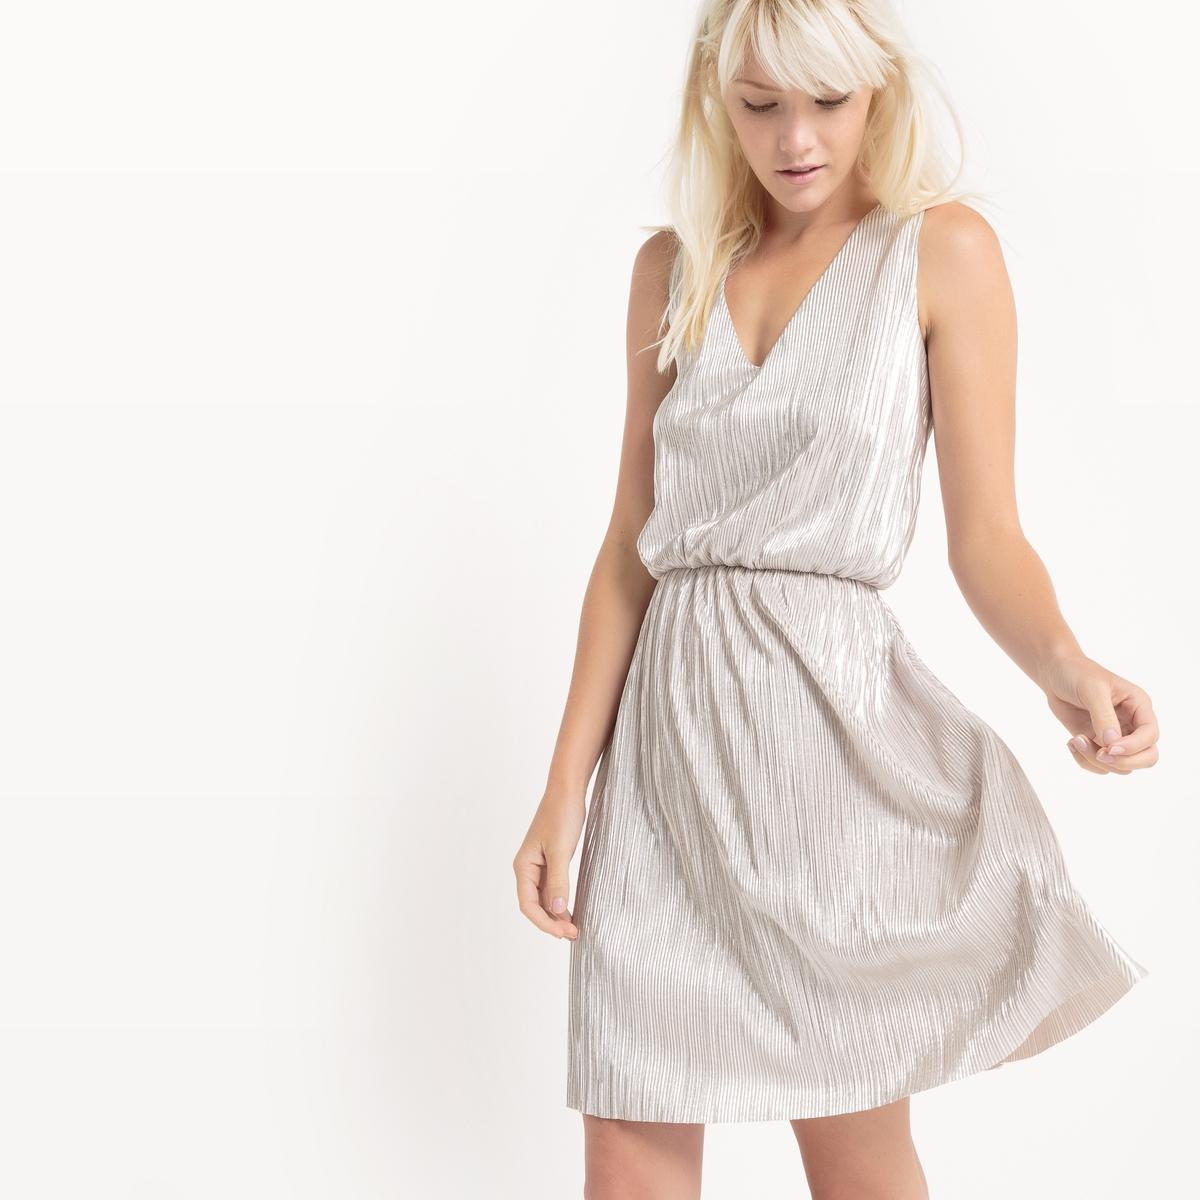 Платье из парчиПлатье из парчи бледно-золотистого цвета. Без рукавов. V-образный вырез спереди. V-образный вырез с запахом сзади. Эластичный пояс.Состав и описаниеМатериал : 100% полиэстерДлина : 100 смУходМашинная стирка при 30 °C в деликатном режиме Стирать с вещами схожих цветовИспользовать защитный чехолМашинная сушка запрещена Не гладить<br><br>Цвет: золотистый<br>Размер: 44 (FR) - 50 (RUS).38 (FR) - 44 (RUS)